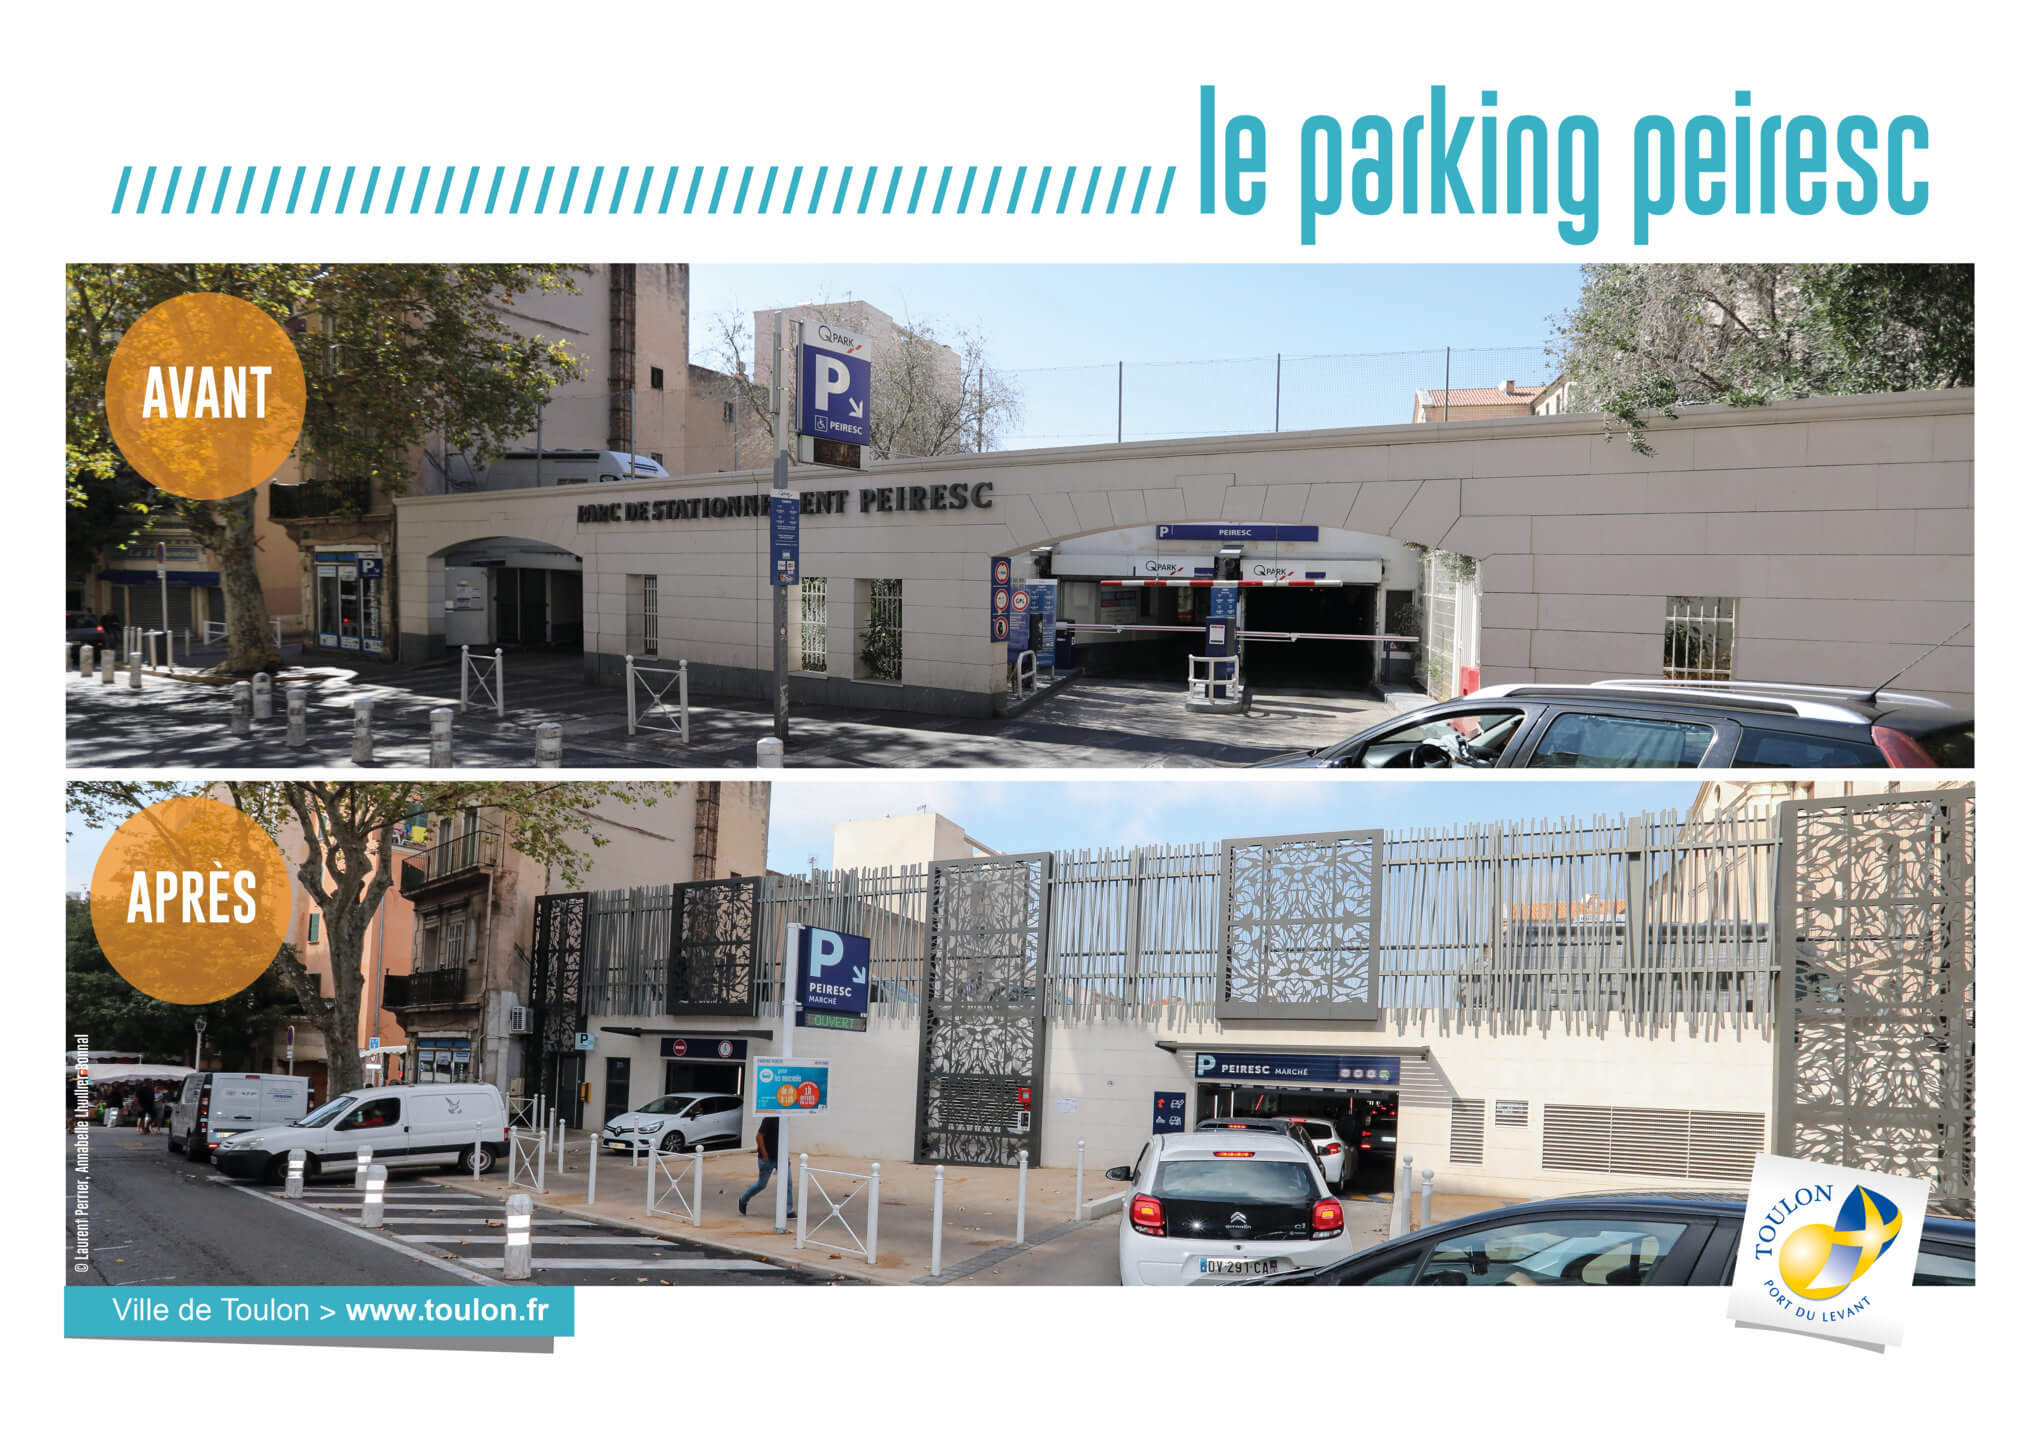 Le parking peiresc